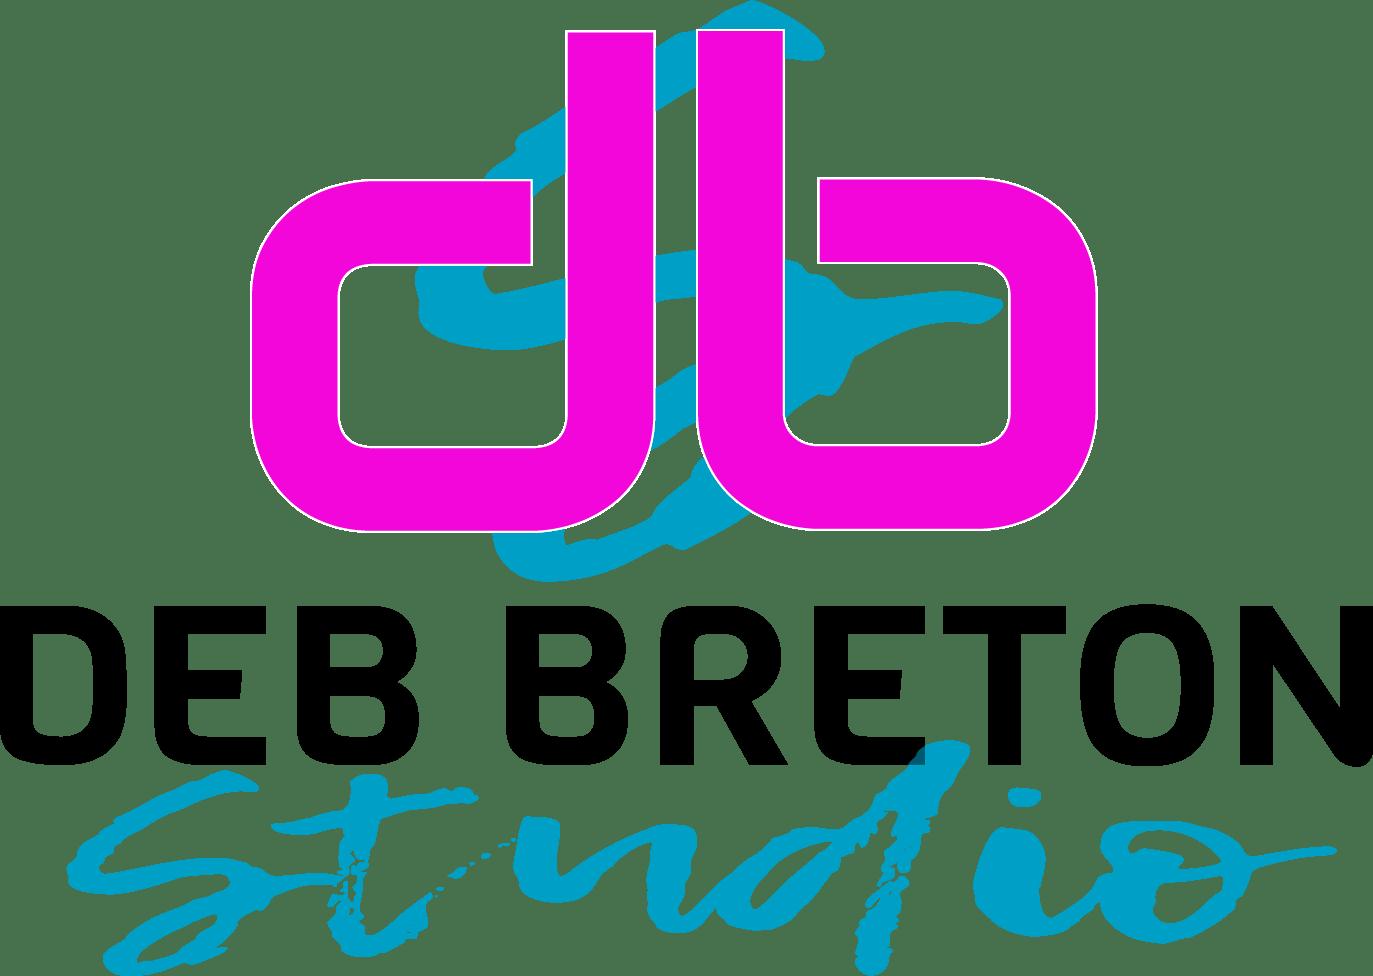 Deb Breton Art Studio